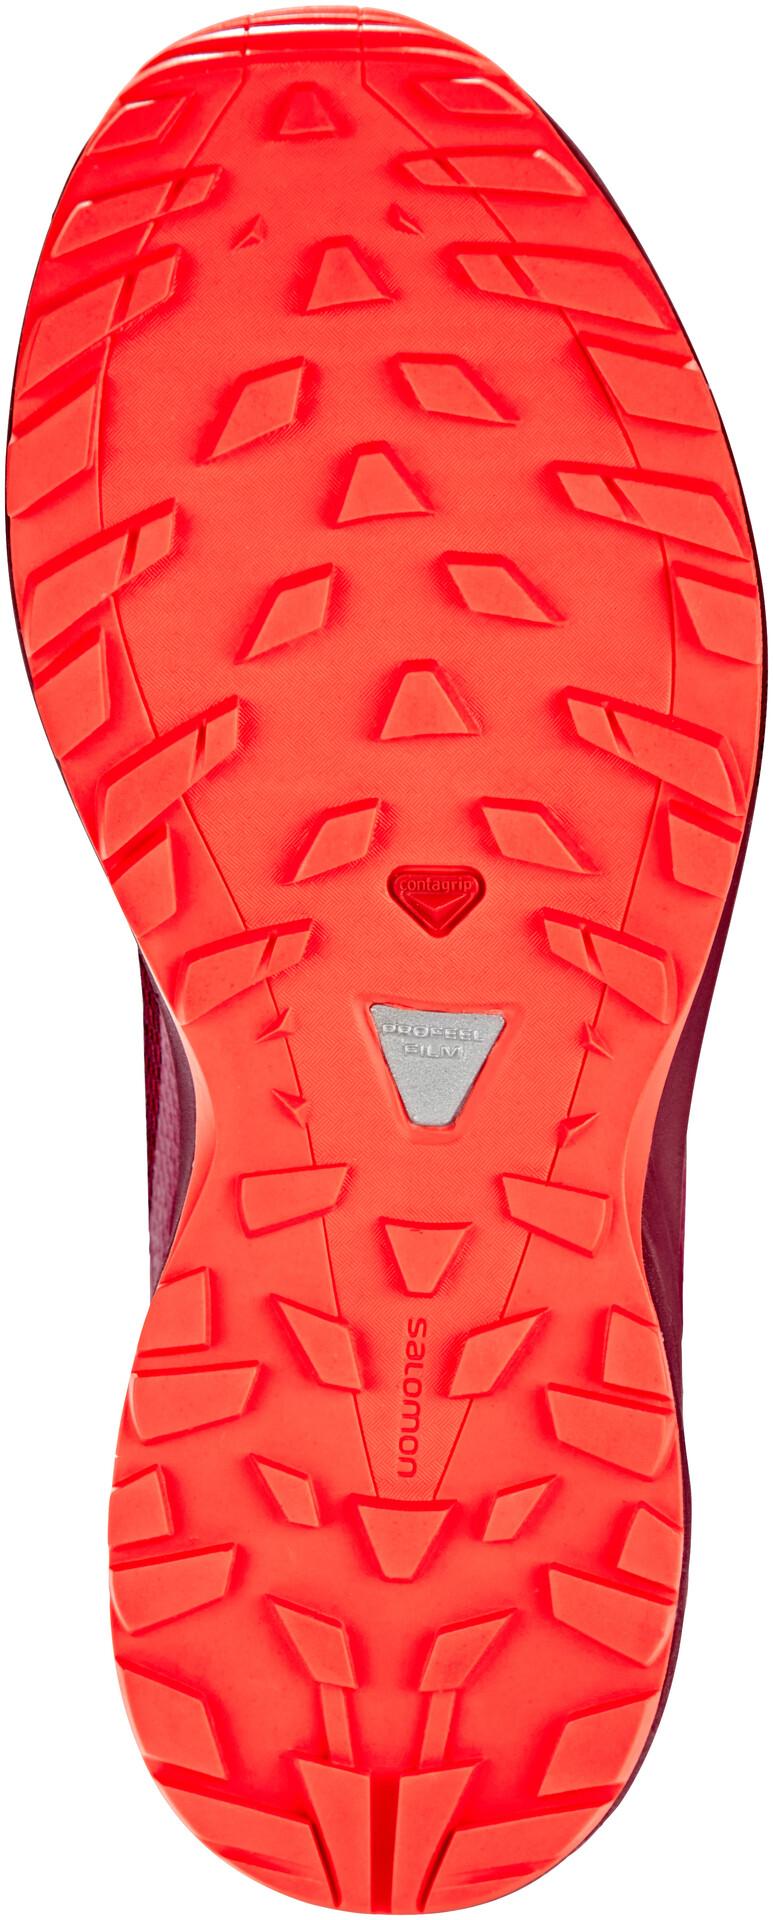 Zapatillas Elevate beet Salomon Xa Redfiery Coral MujerCerise 7bYgyf6